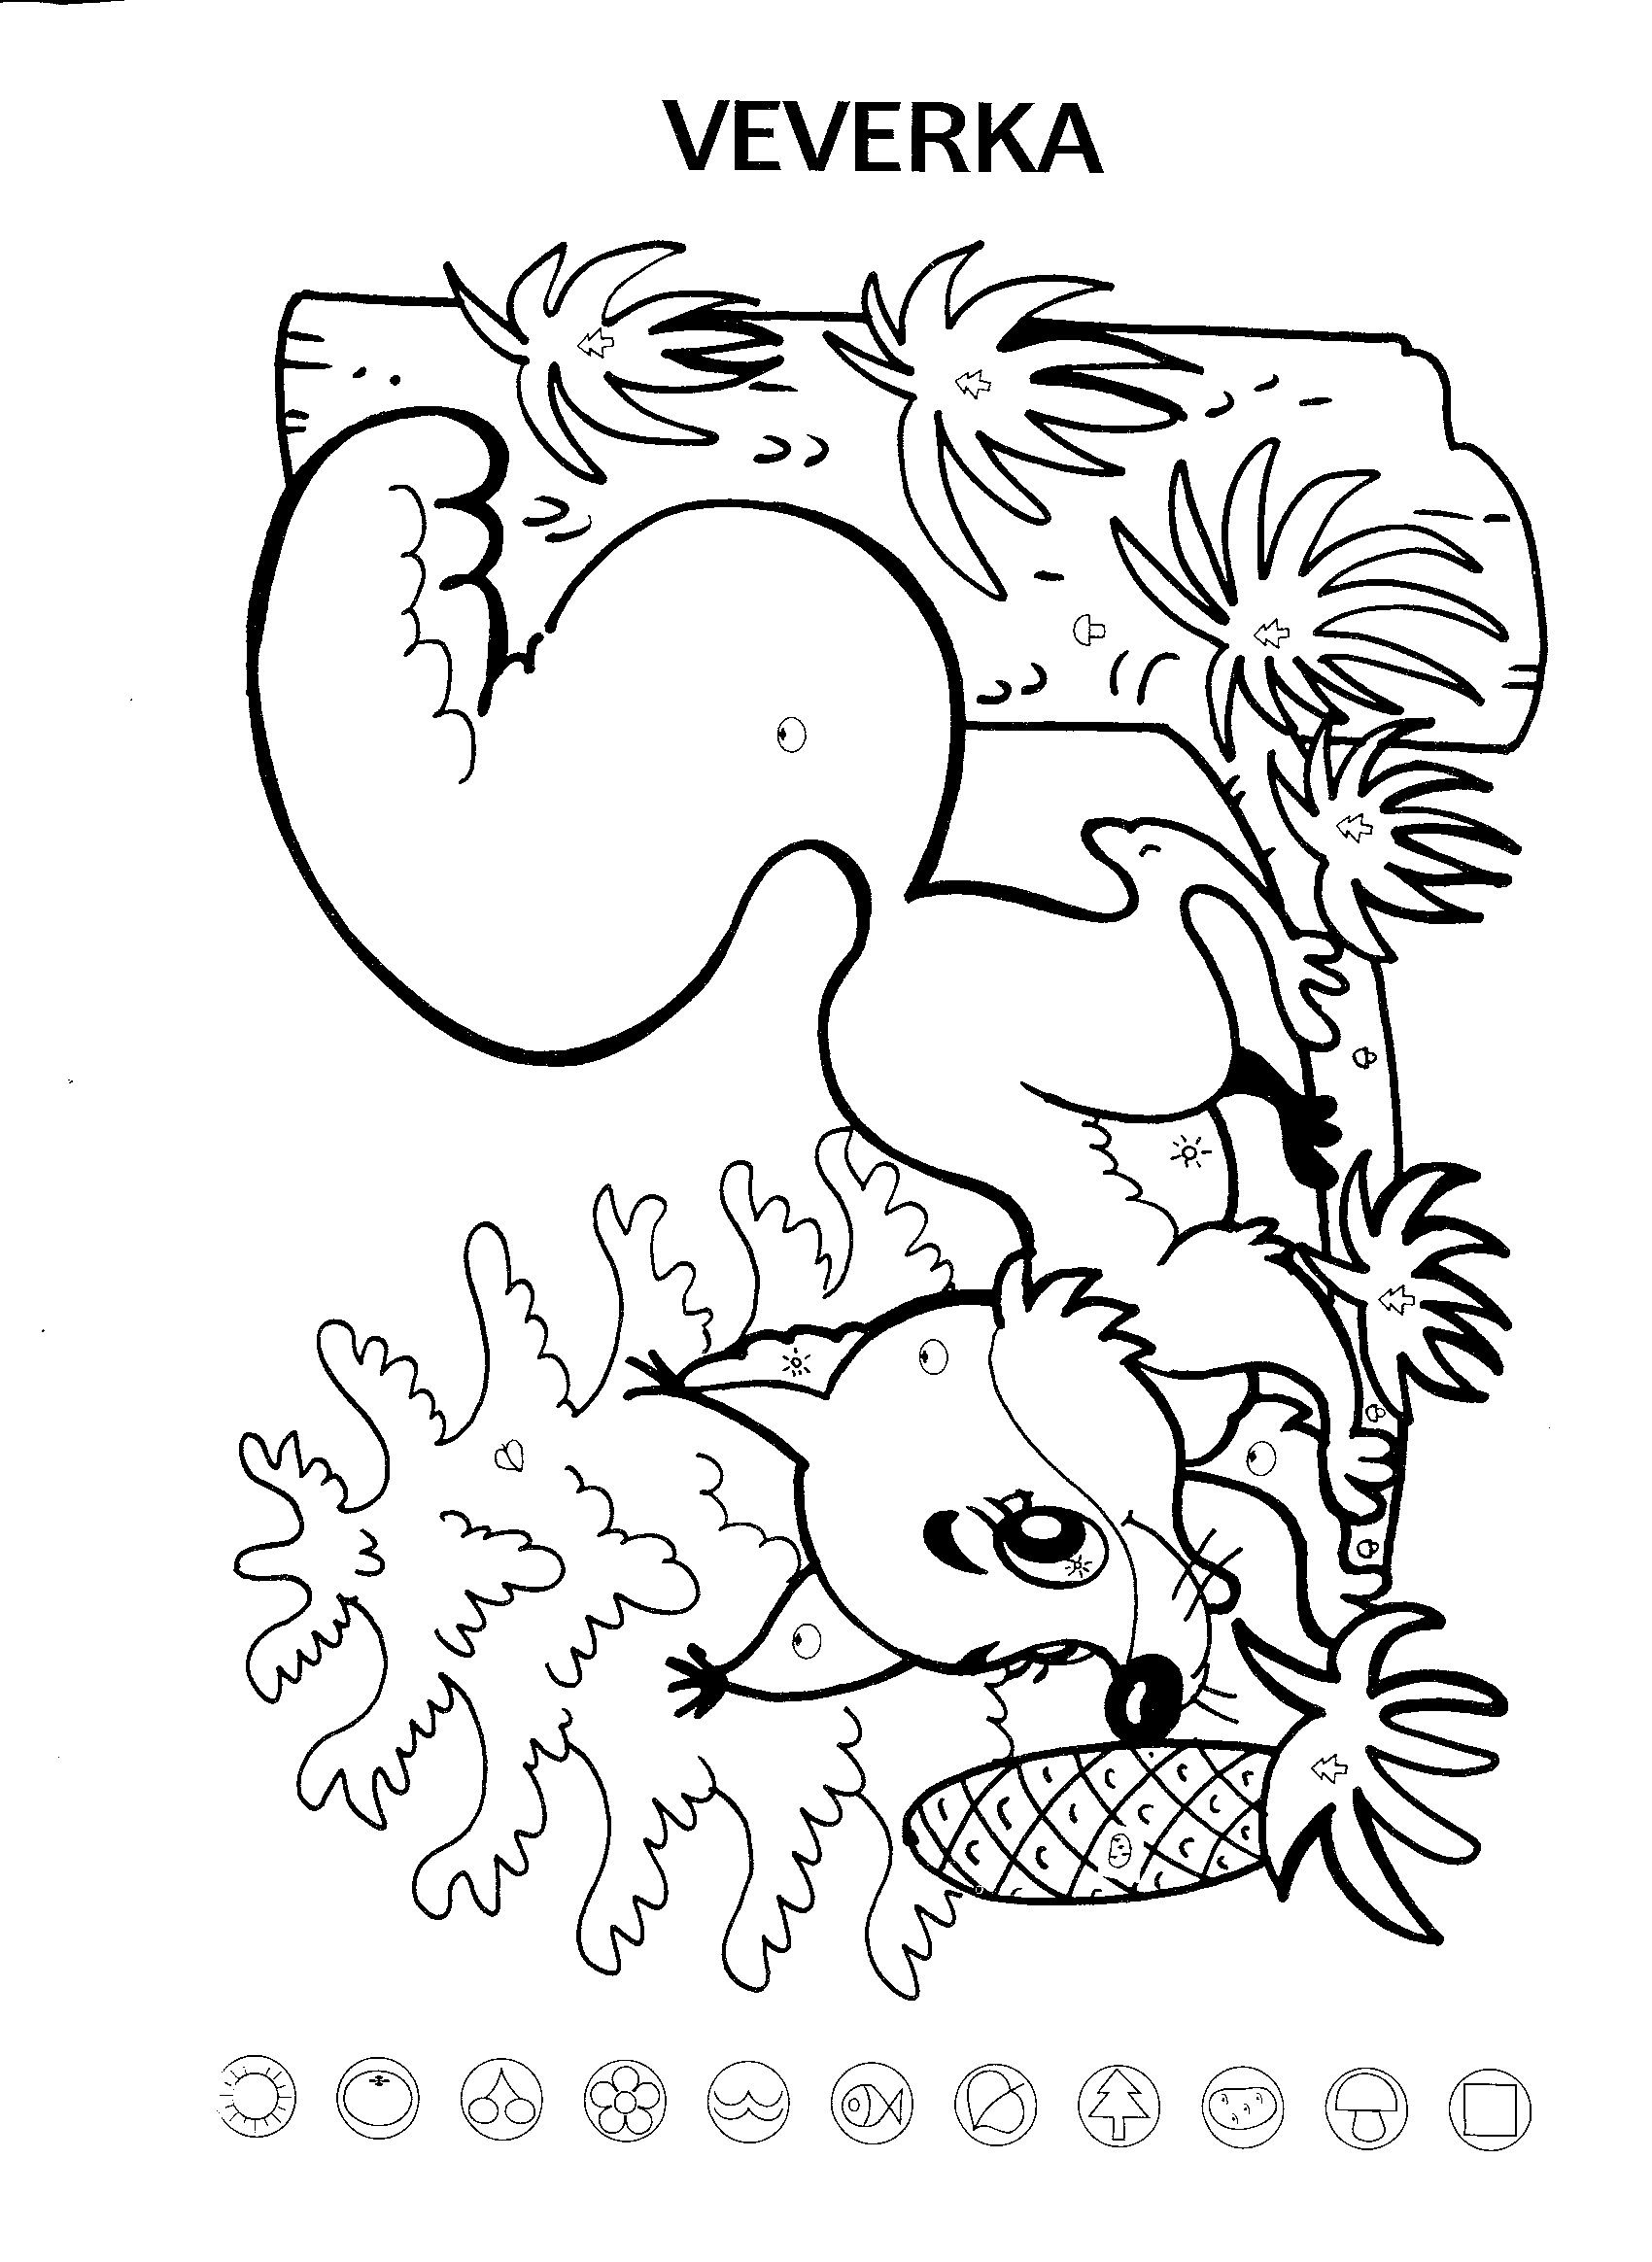 Veverka | Stromy, keře, zvířata v lese | Pinterest | Estrés, Bosques ...